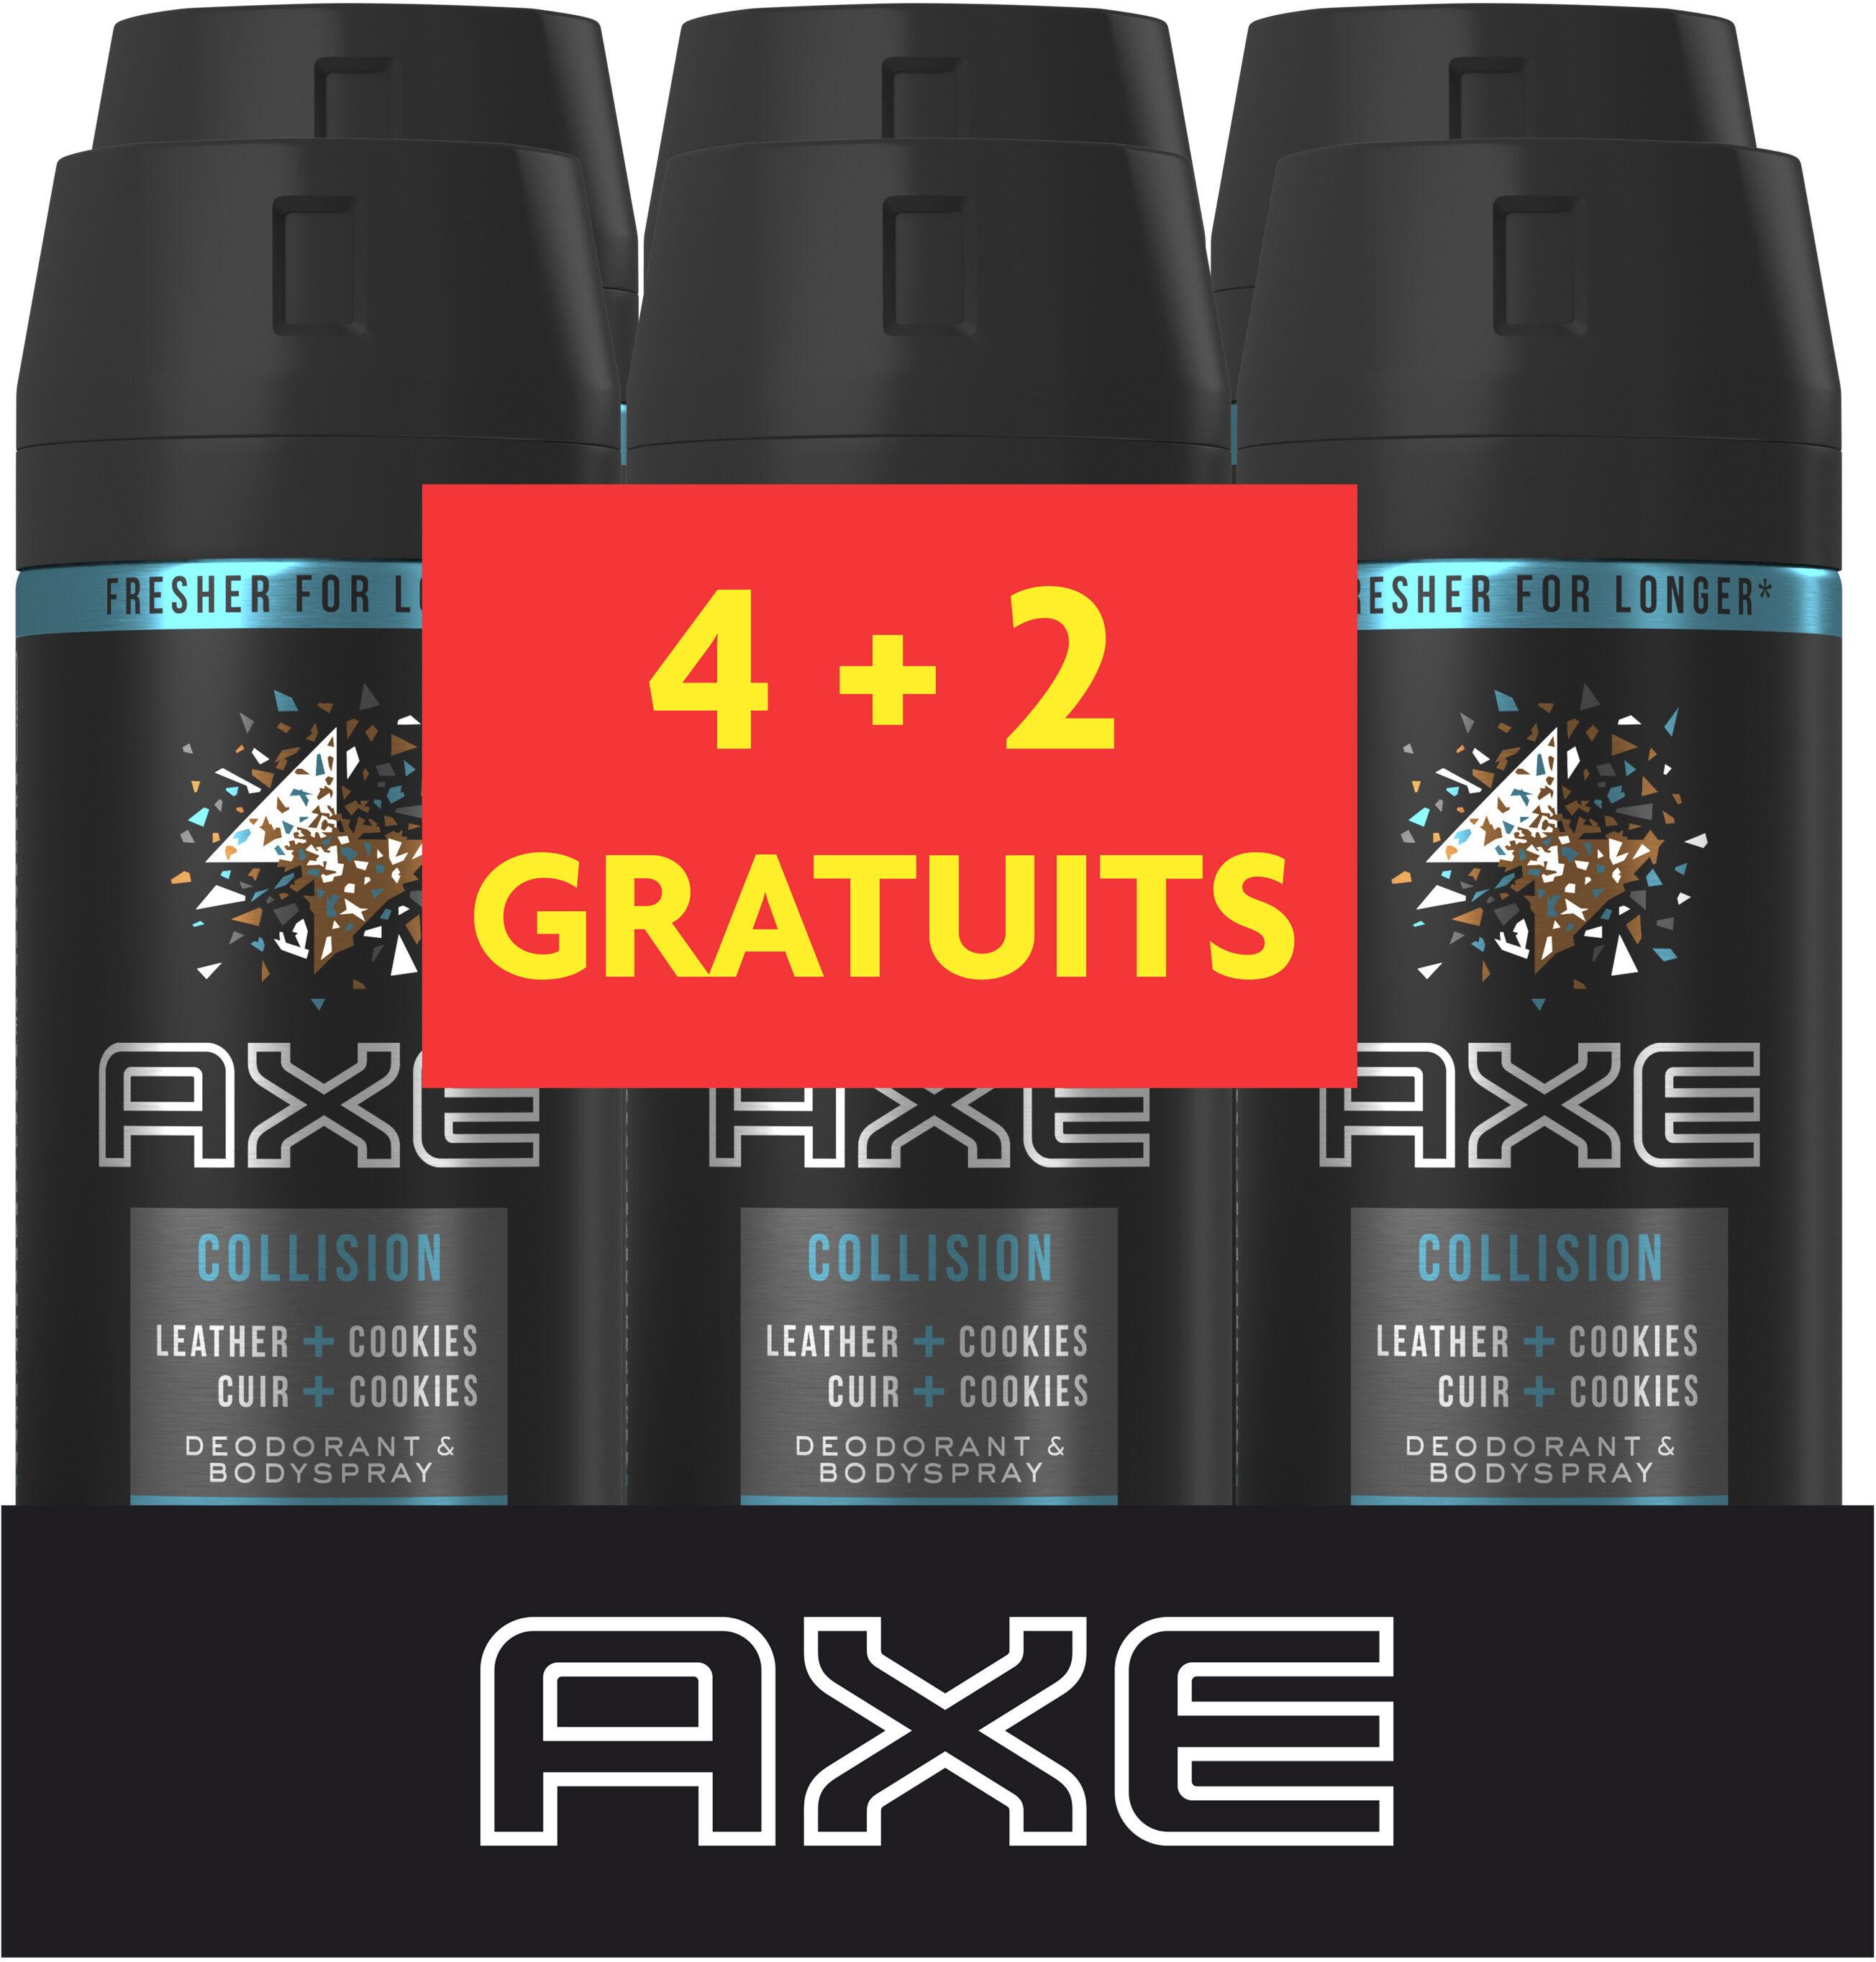 AXE Déodorant Homme Spray Cuir + Cookies Lot 6x150ml - Product - fr